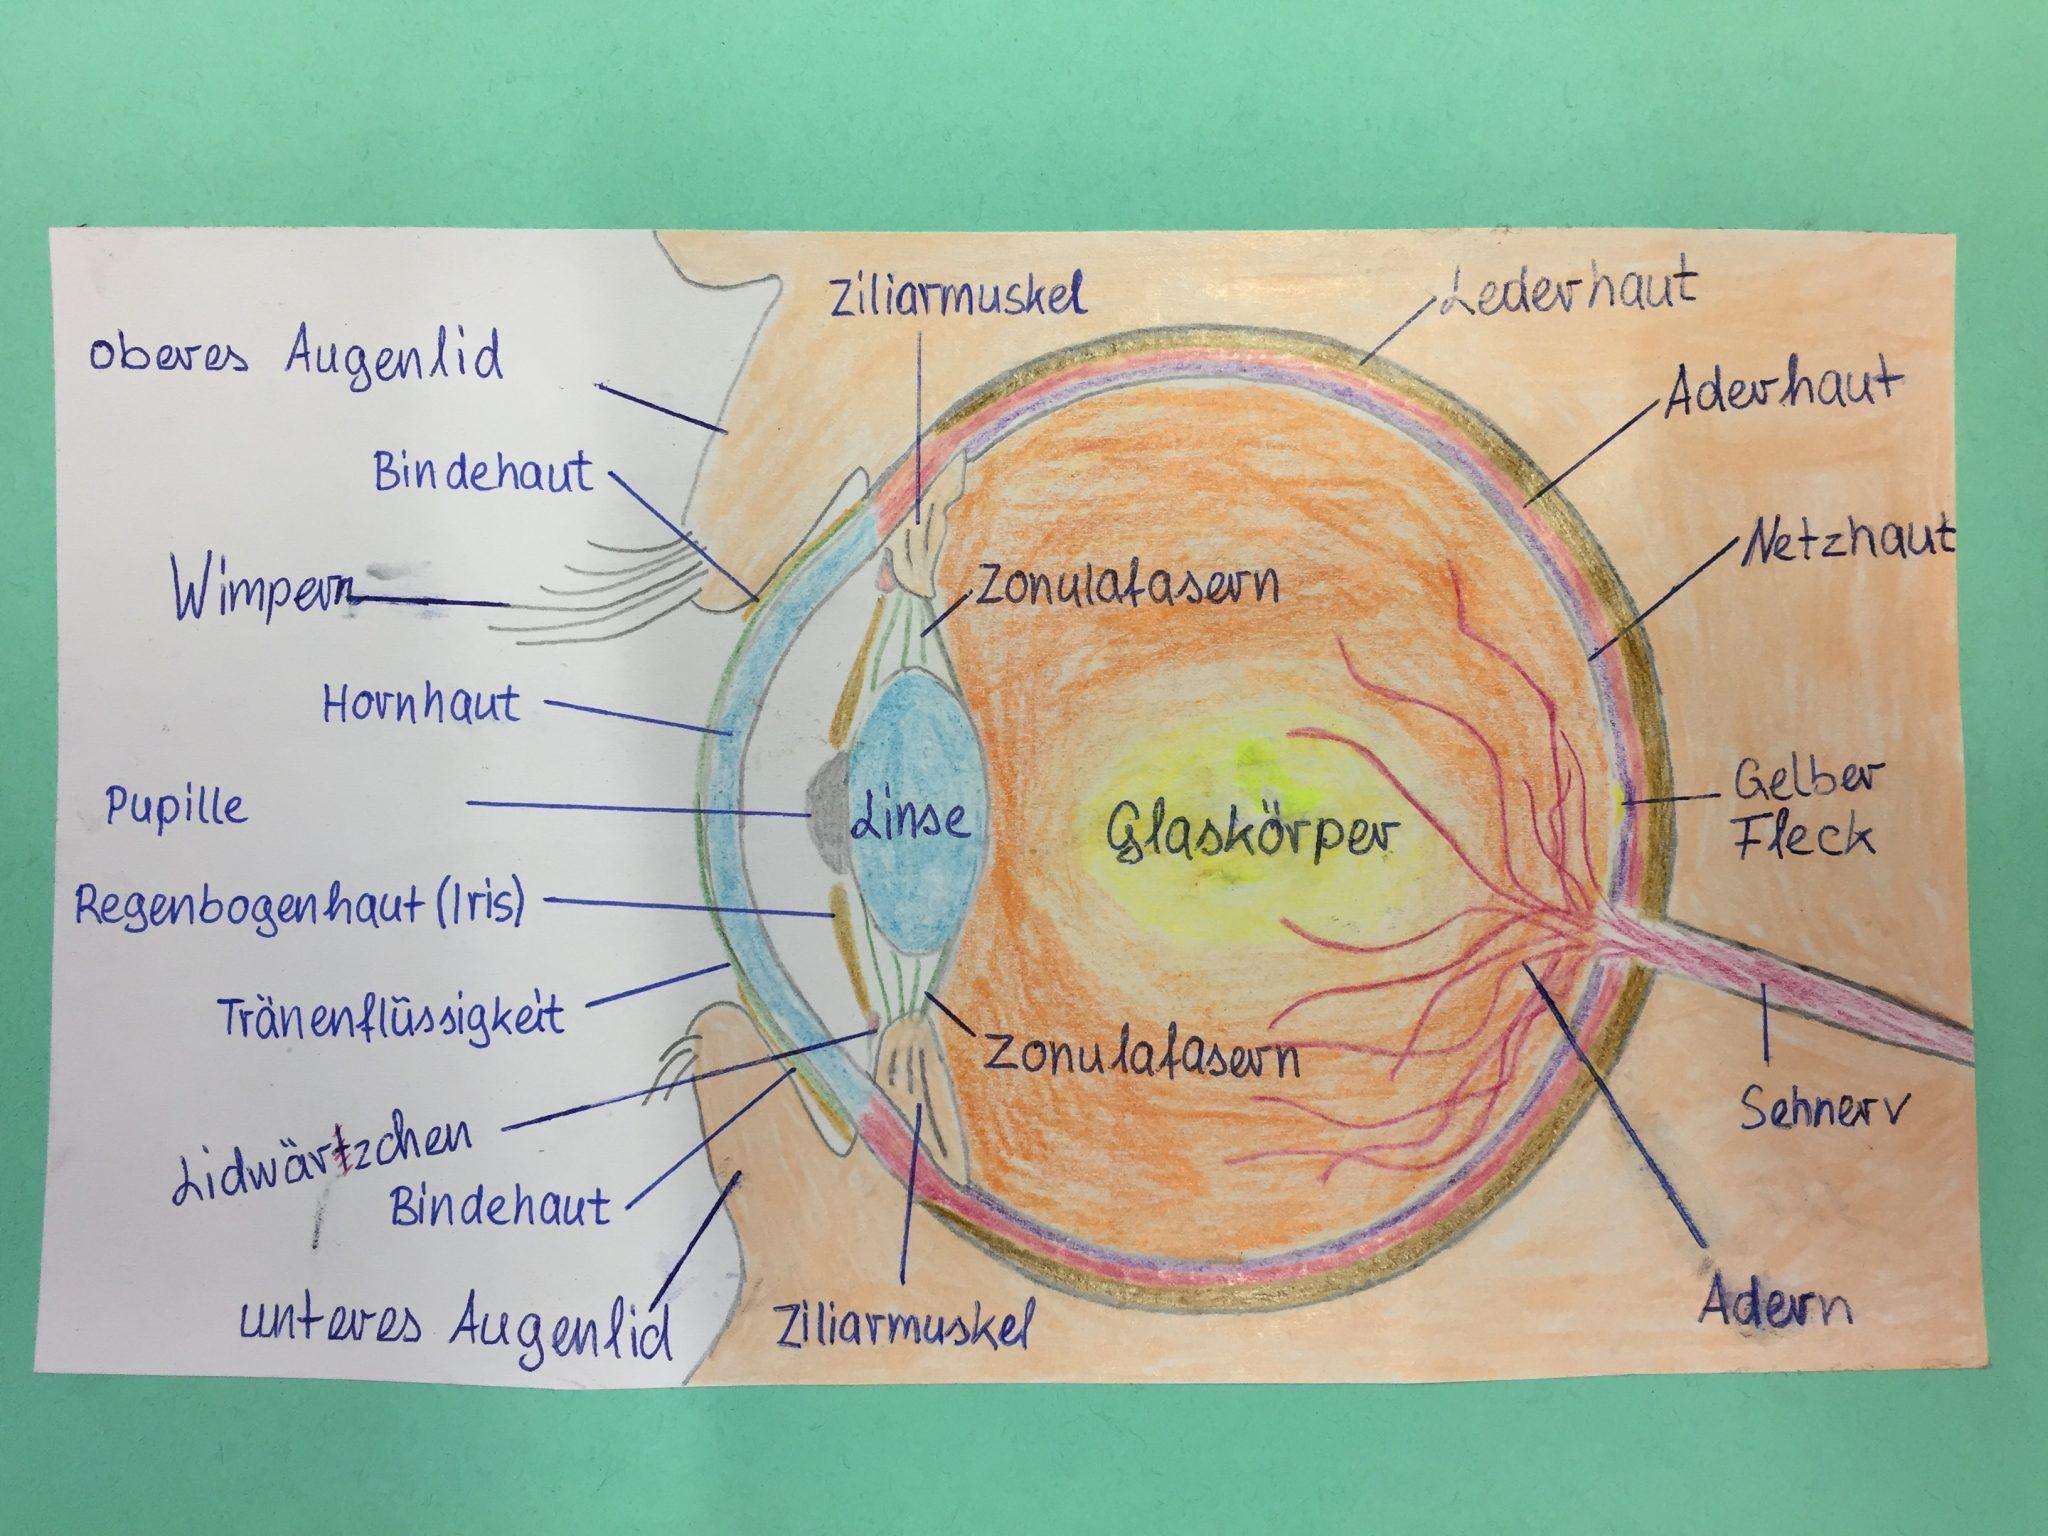 Auge Aufbau Grundschule